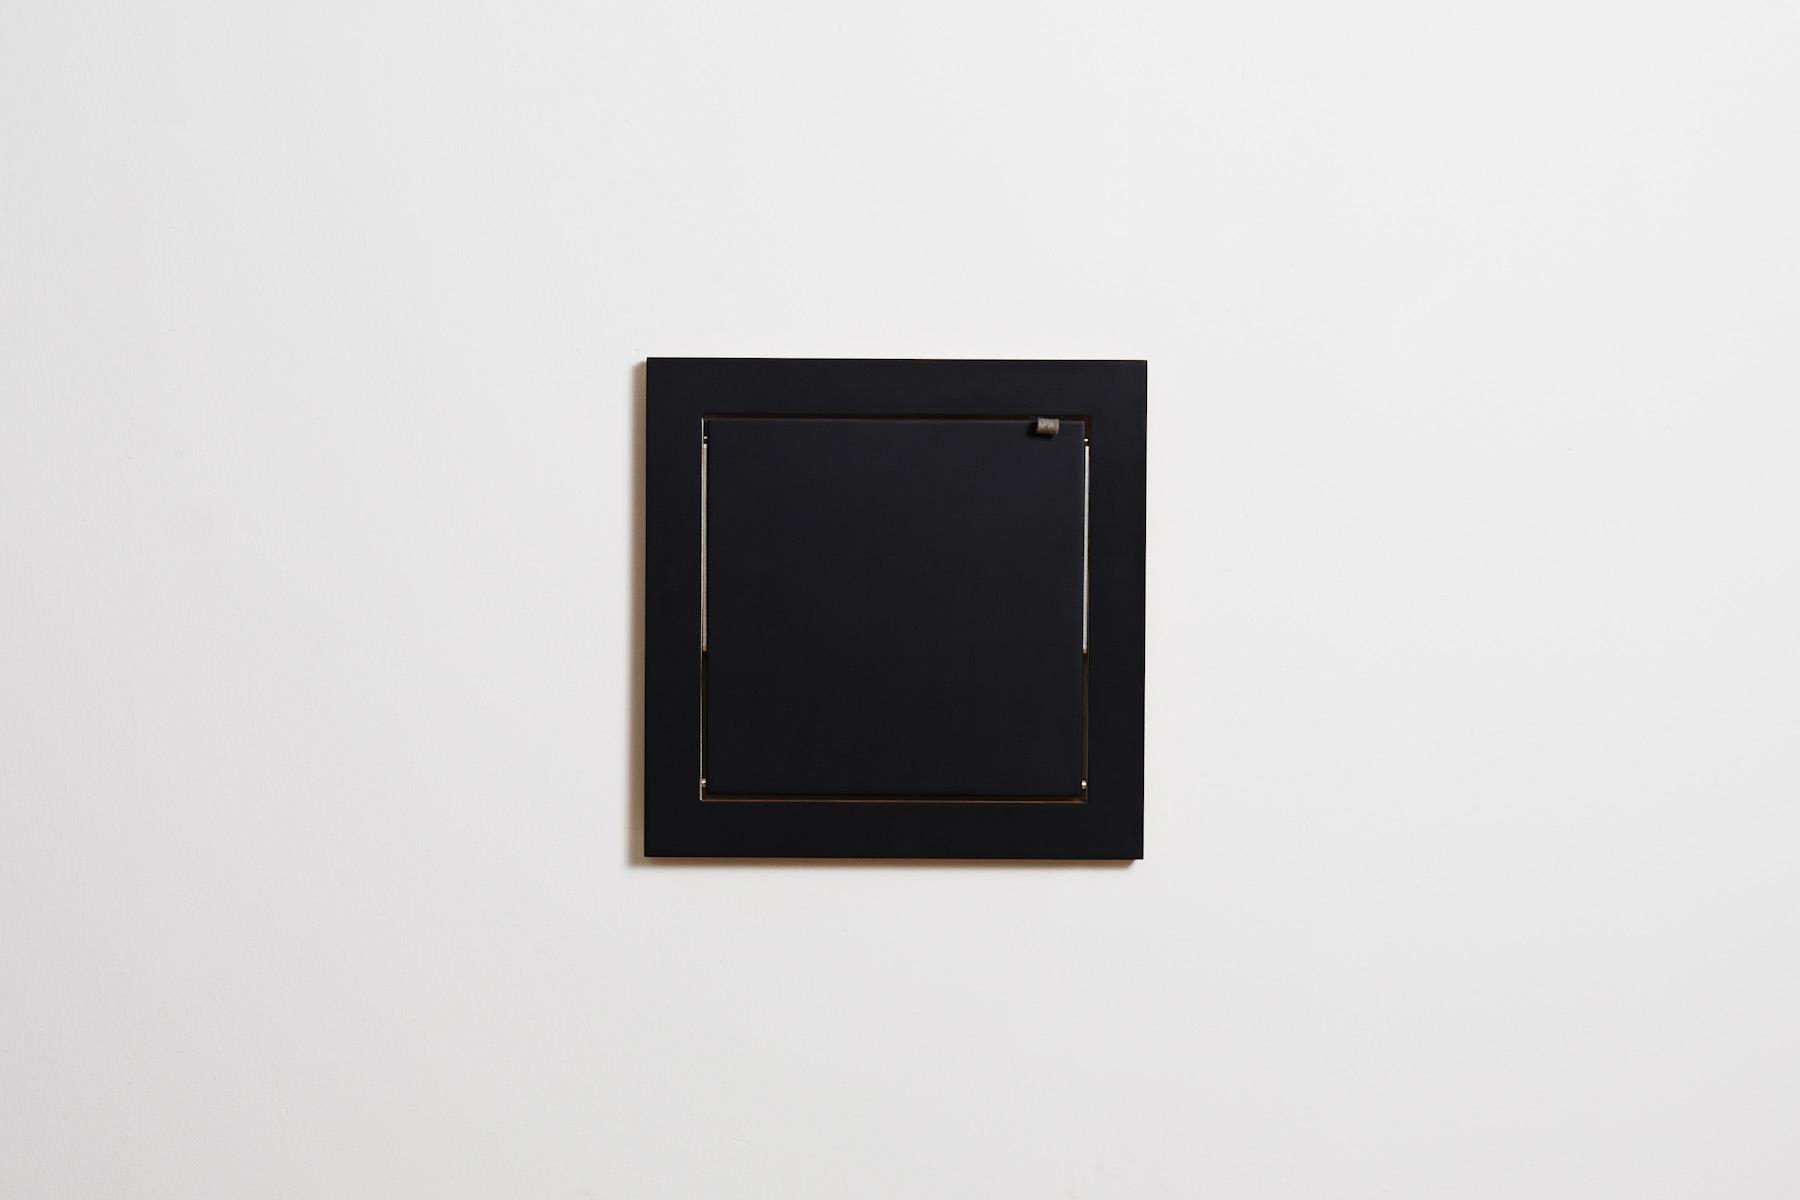 Ambivalenz-Hylde-Kvadratisk-40x40x1-2